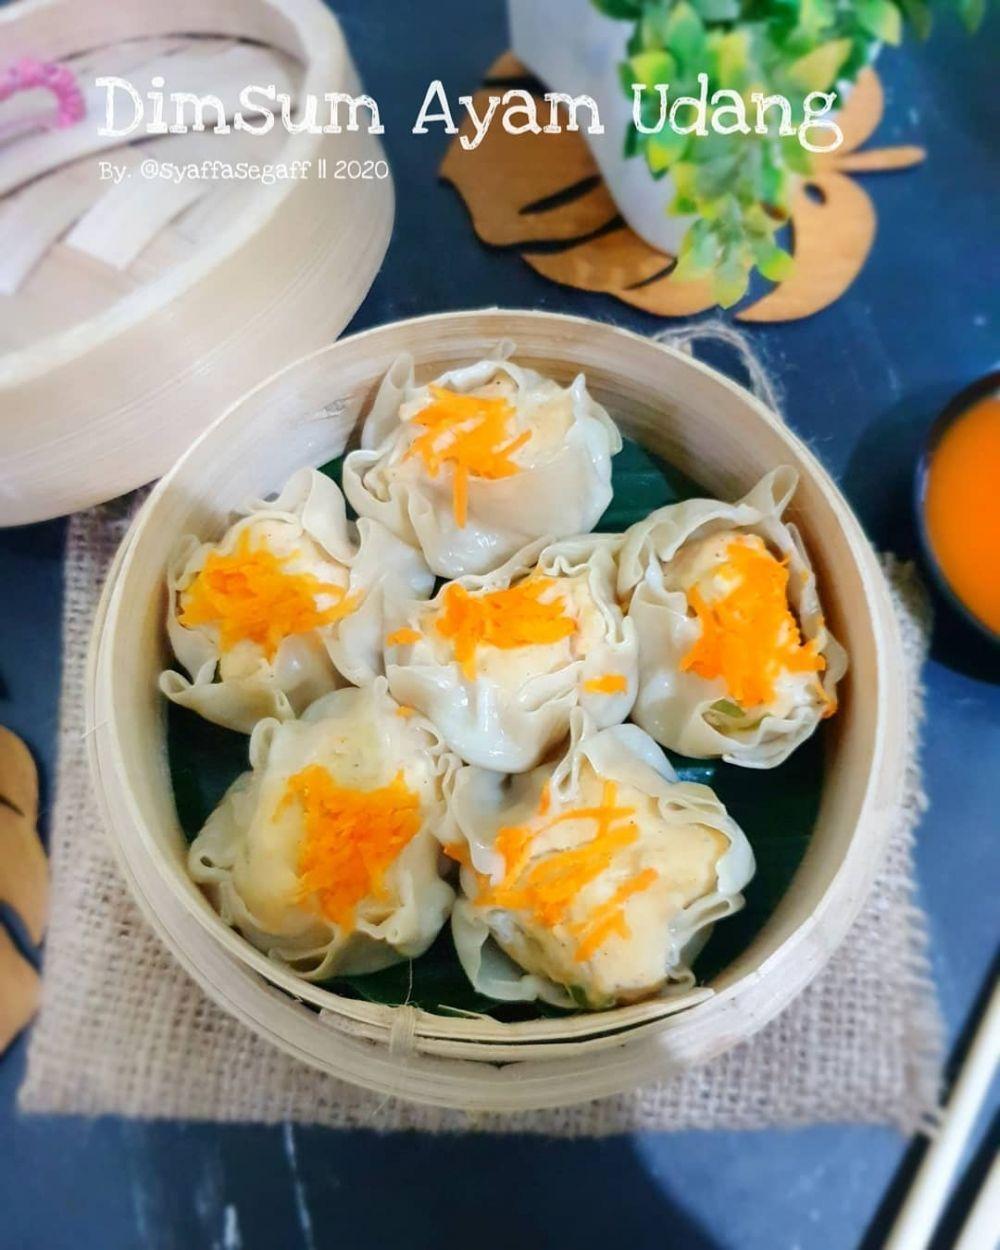 Resep Camilan Kukus Sederhana C 2020 Brilio Net Instagram Syaffasegaff Instagram Tanggalmuda Id Di 2020 Resep Makanan Dan Minuman Makanan Ringan Sehat